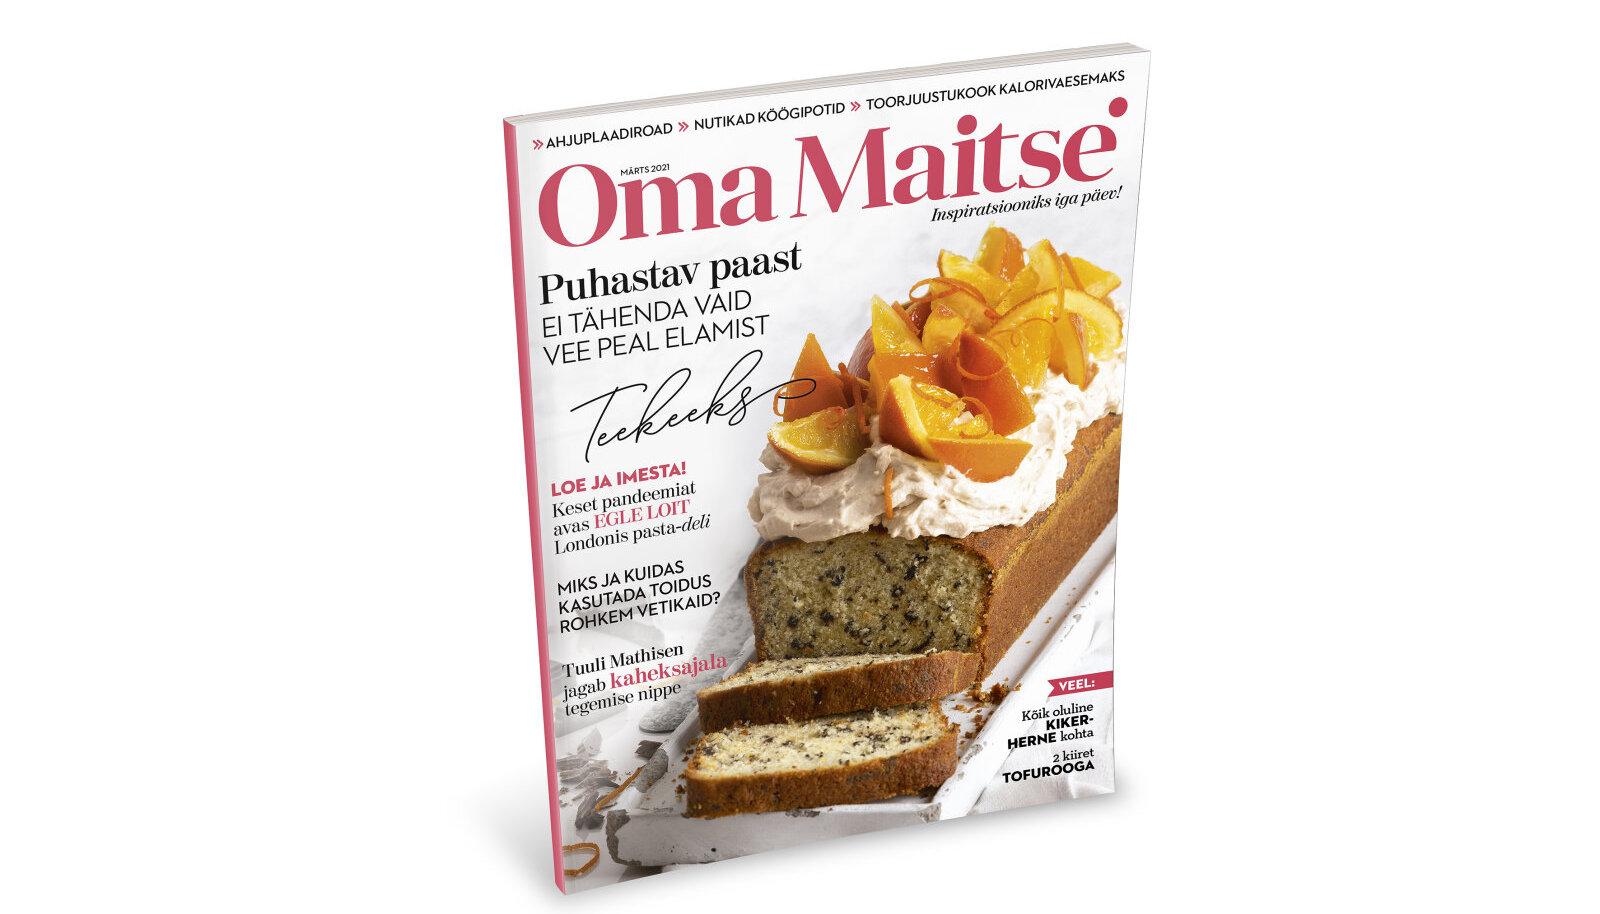 Foto: Oma Maitse